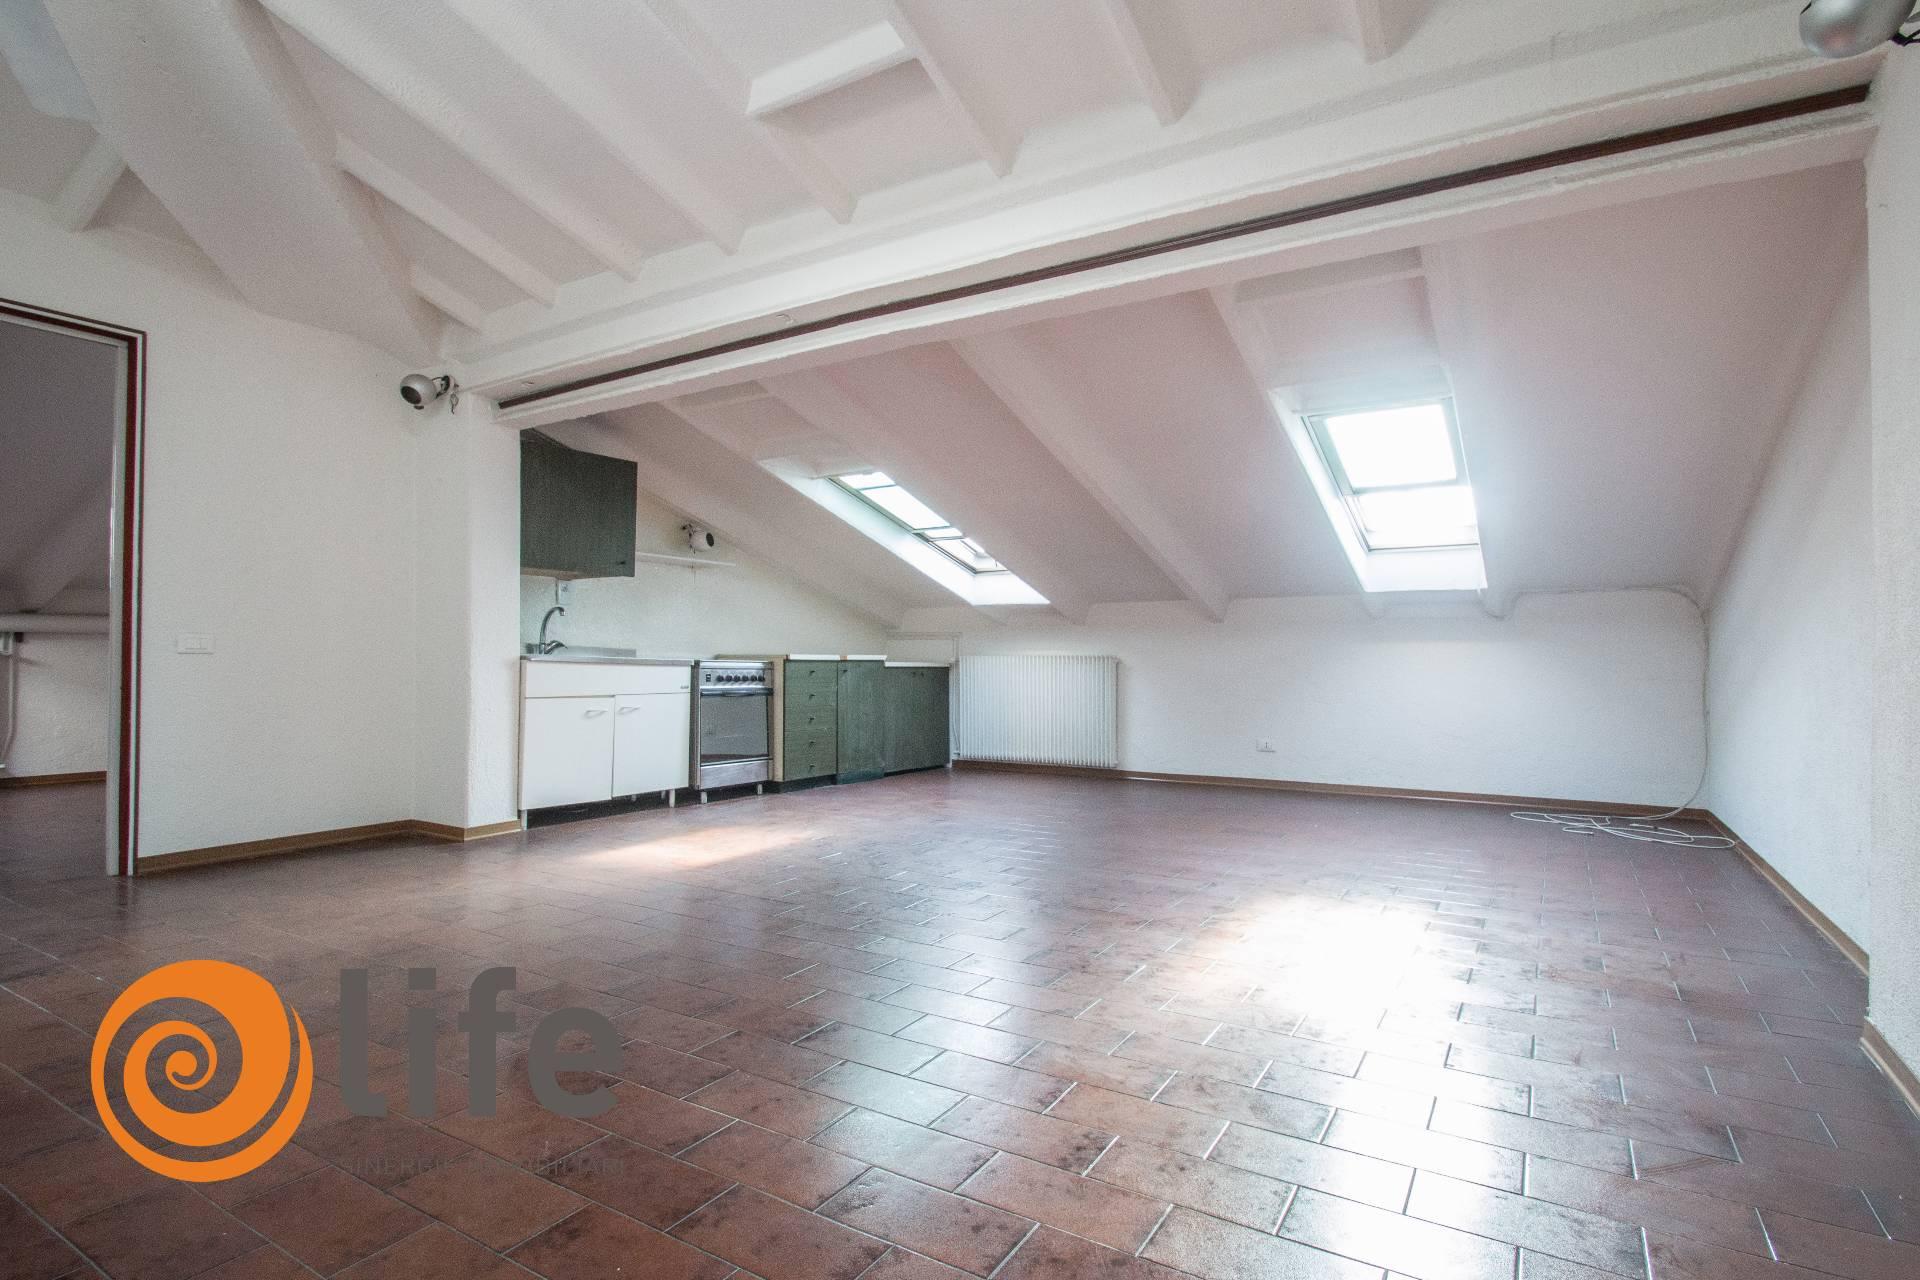 Attico / Mansarda in vendita a Altavilla Vicentina, 2 locali, zona Zona: Tavernelle, prezzo € 34.000 | CambioCasa.it